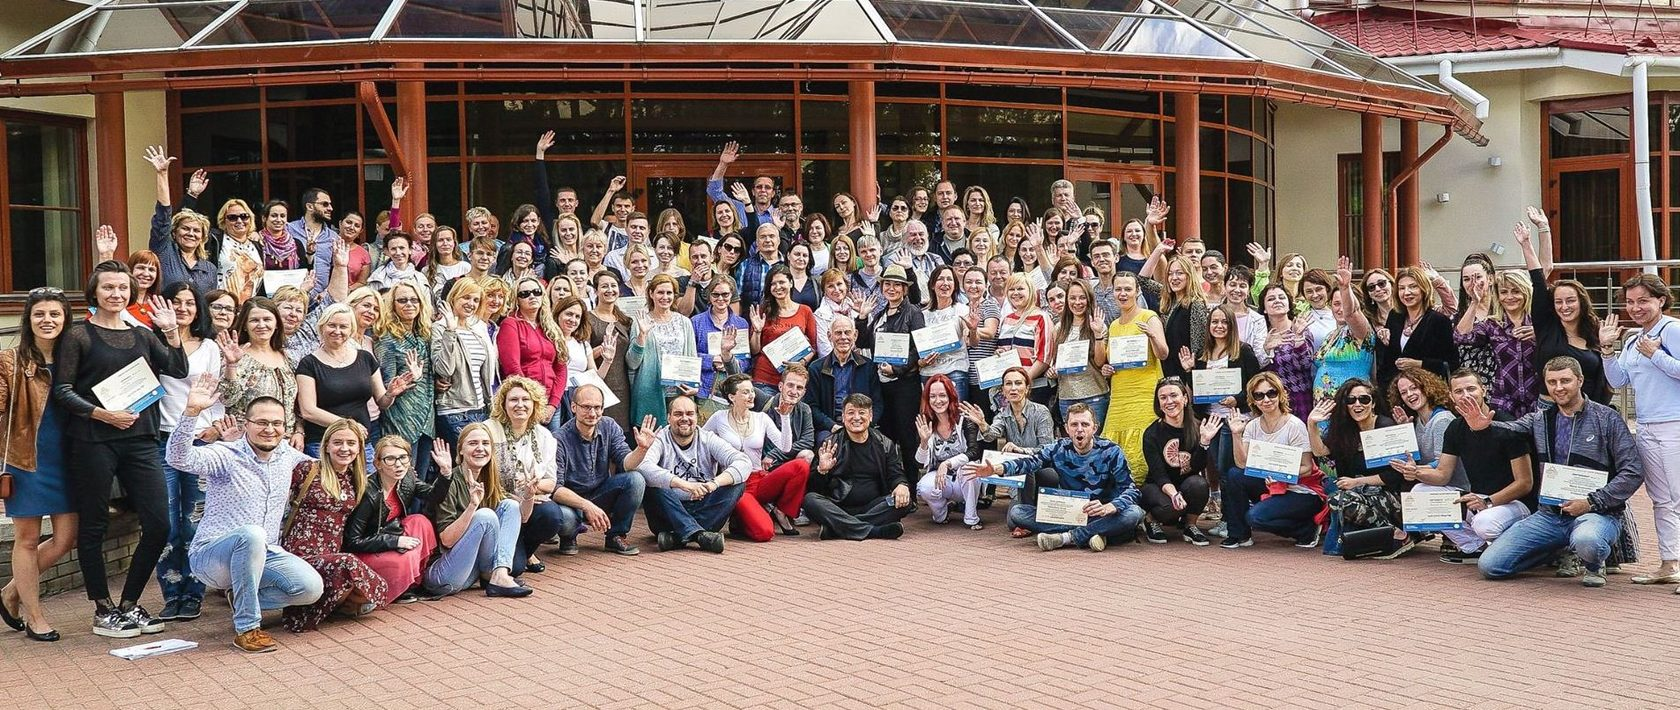 IV ежегодный Международный Интенсив ICTA по коучингу, Эннеаграмме, НЛП, тренерству: июнь 2017